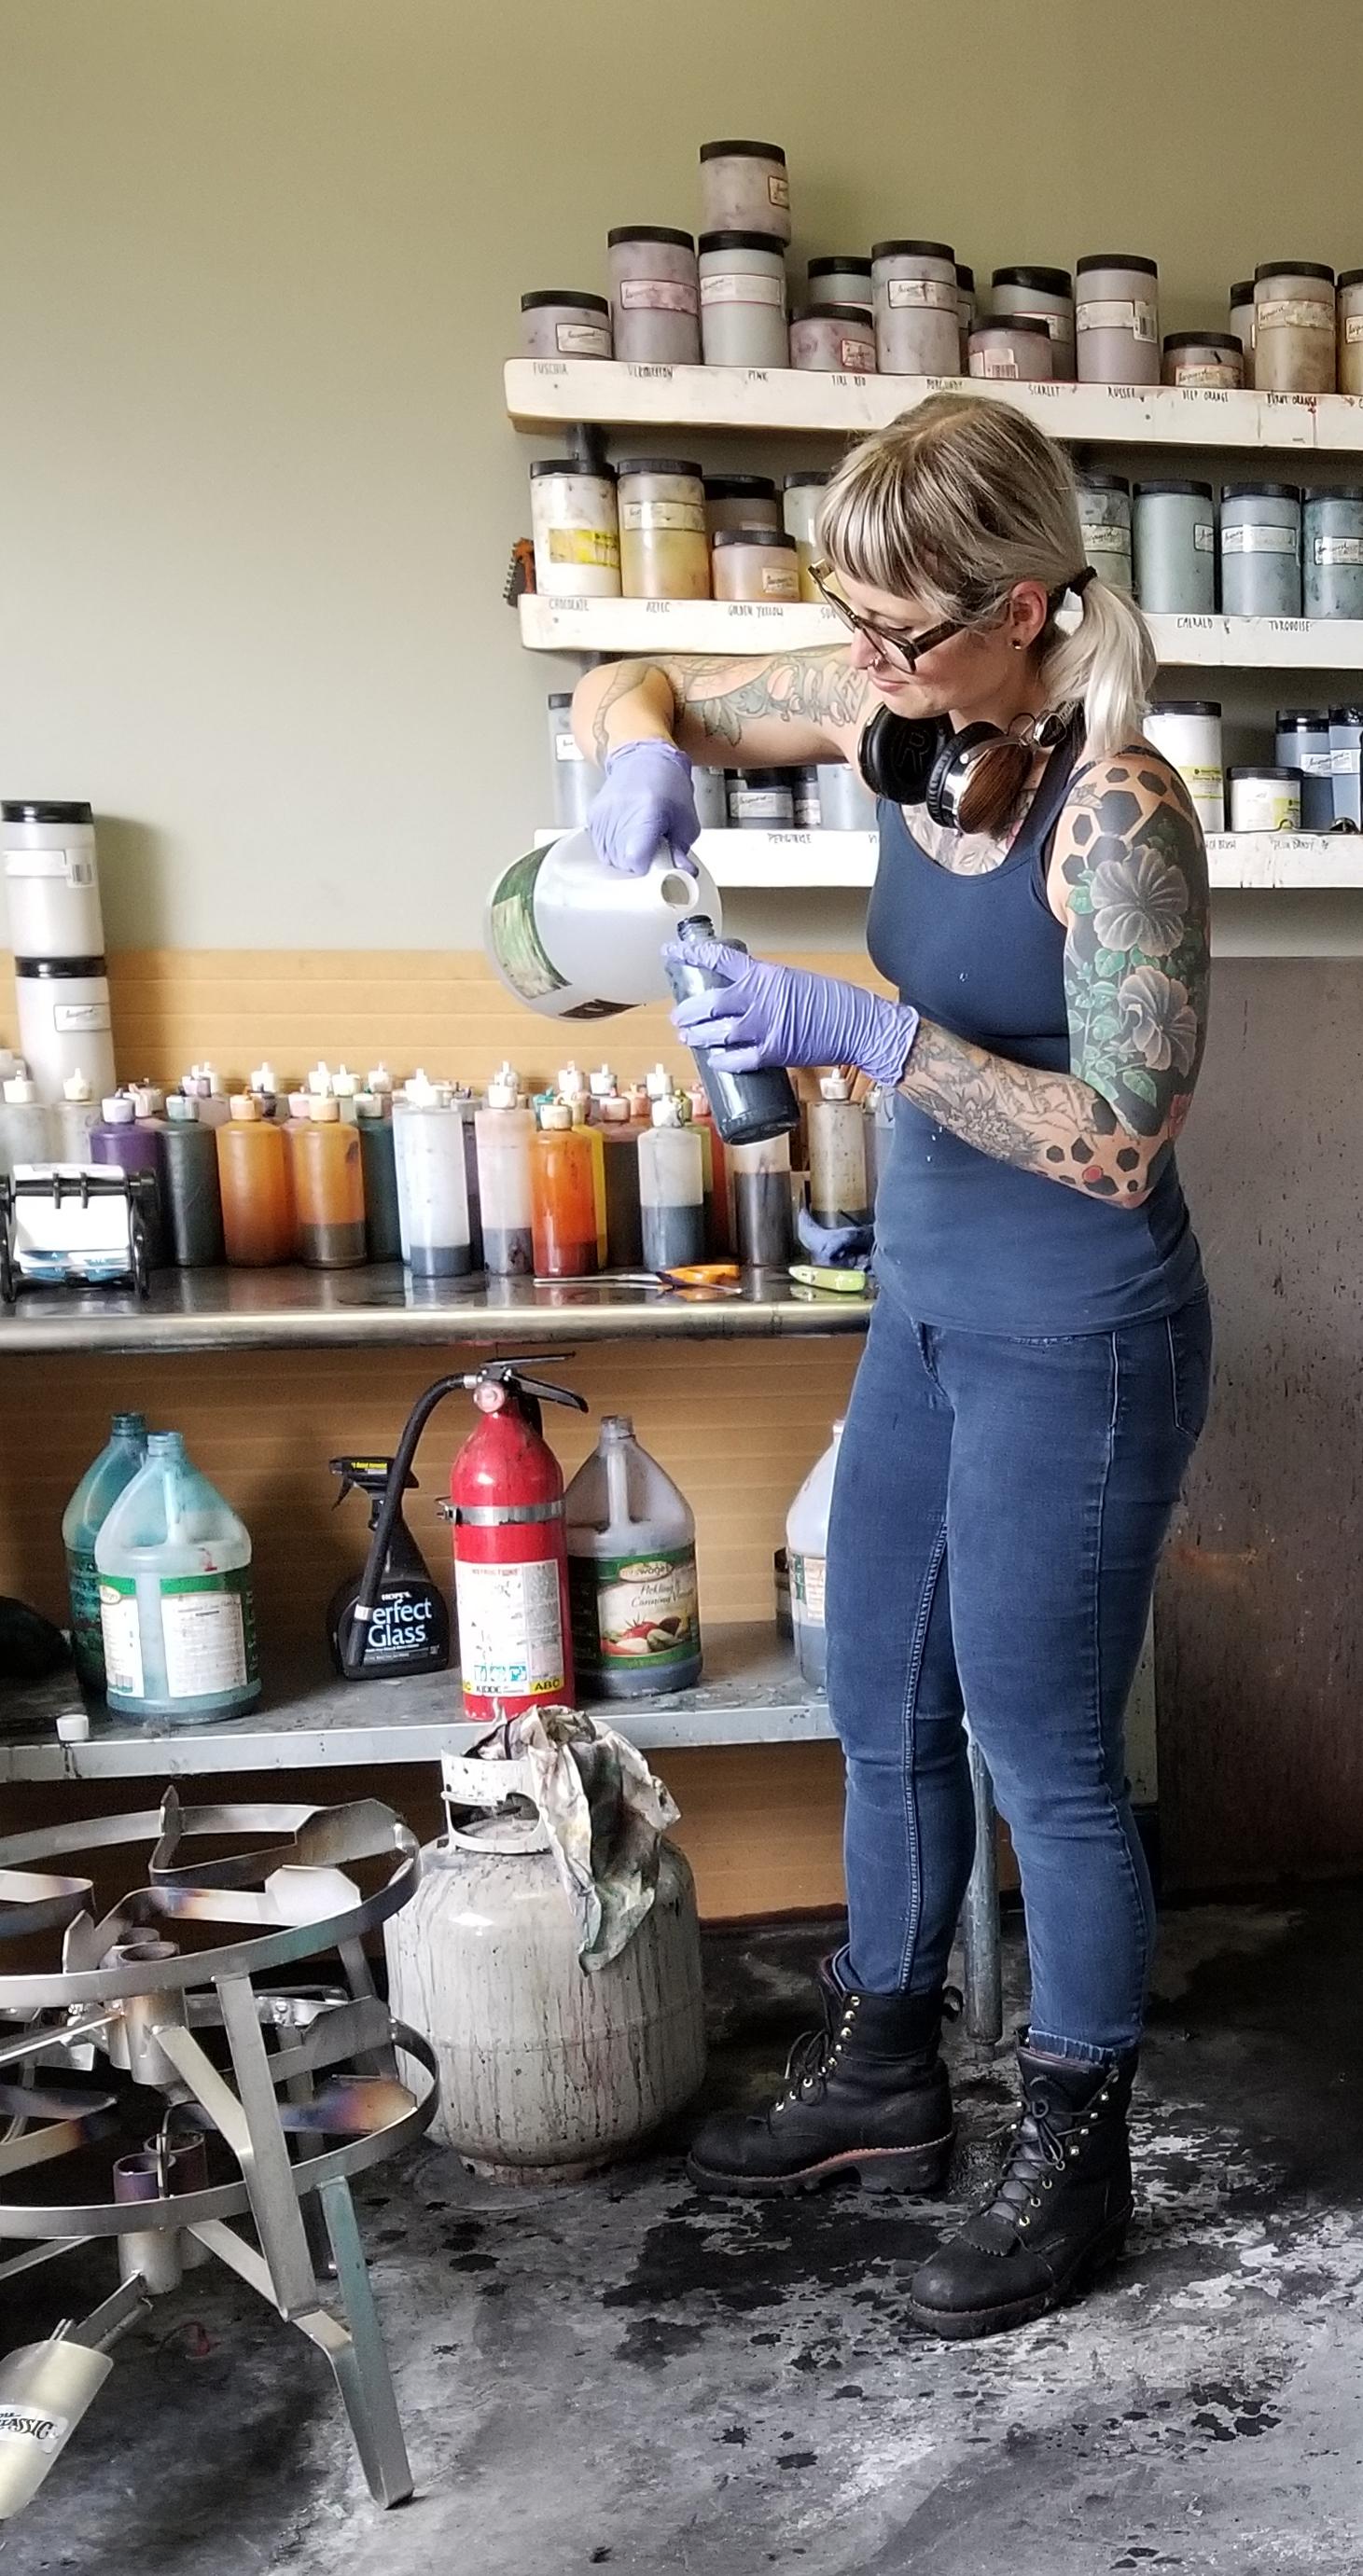 Kate mixing a dye